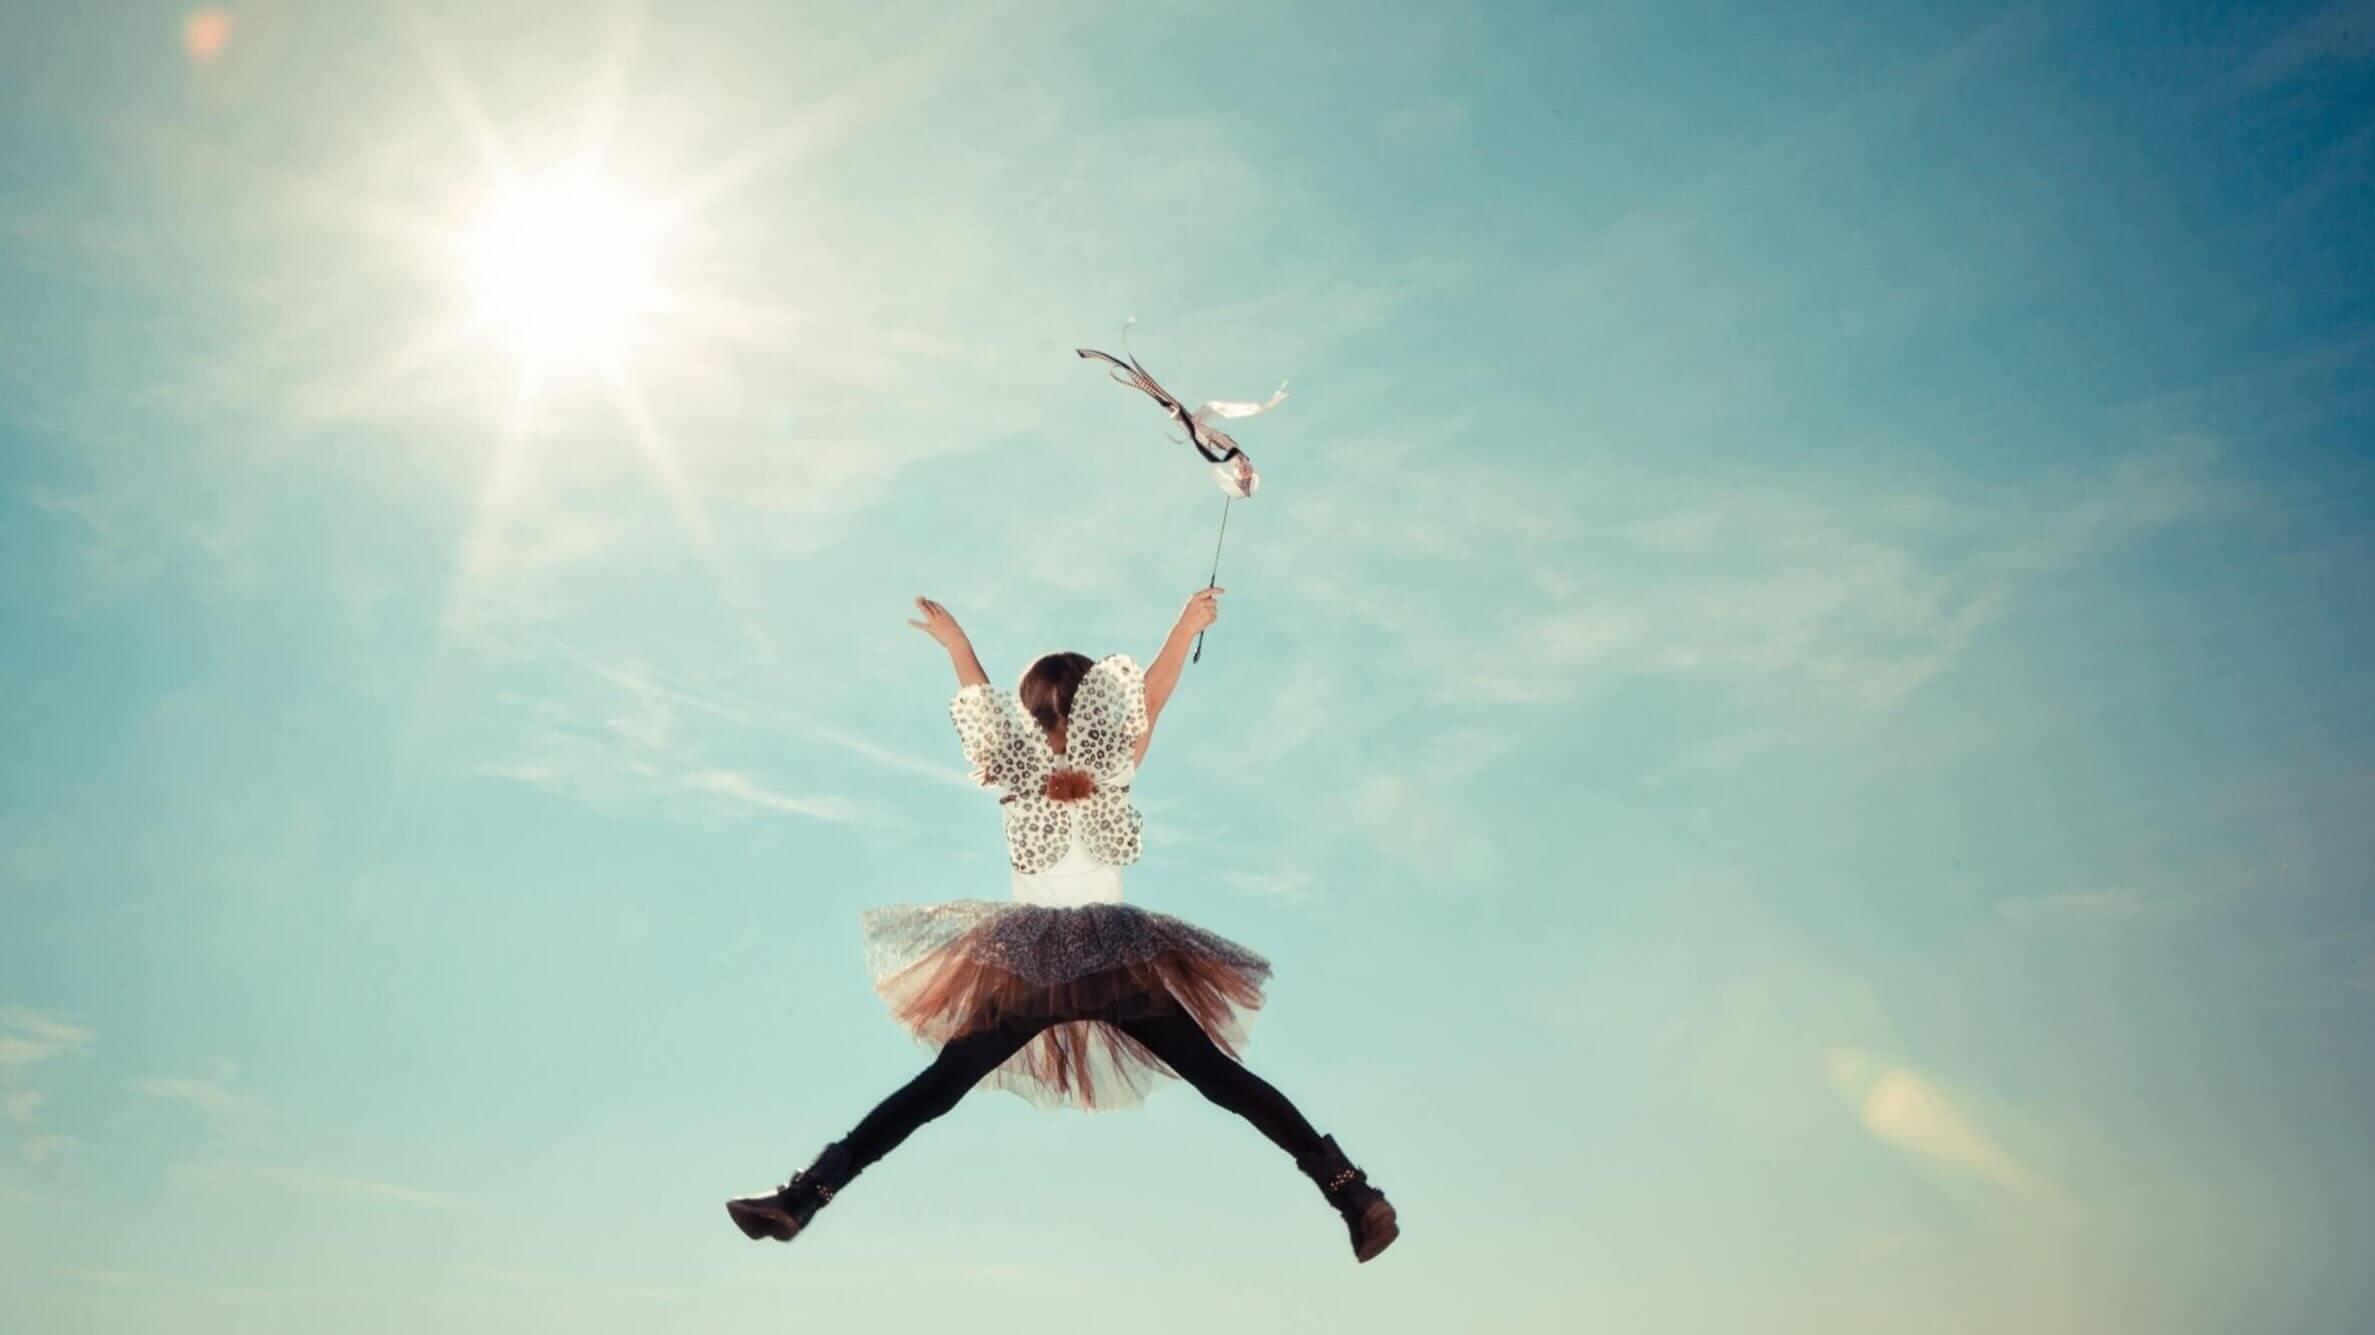 Porque nutrir a criatividade das crianças facilita com que elas encontrem seu propósito de vida quando adultas? - Menina vestida de fada com uma varinha na mão saltando.